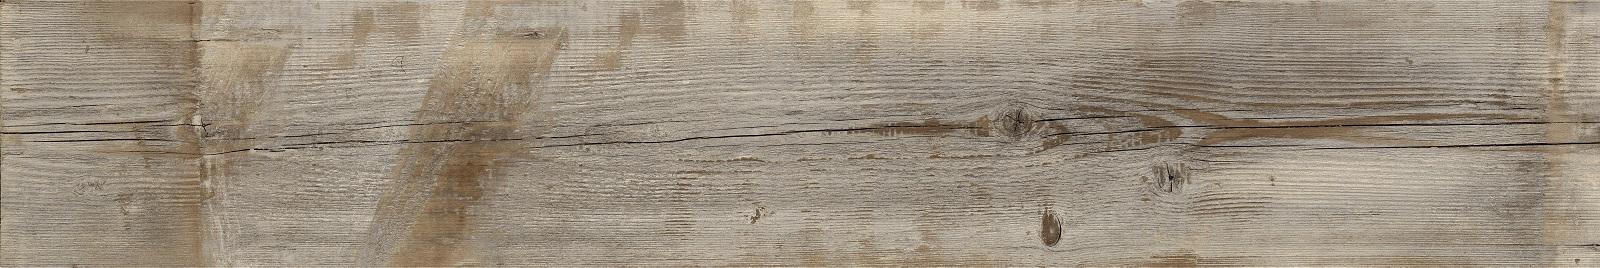 Плитка Legno Bruno (zzxlv6r) изображение 9